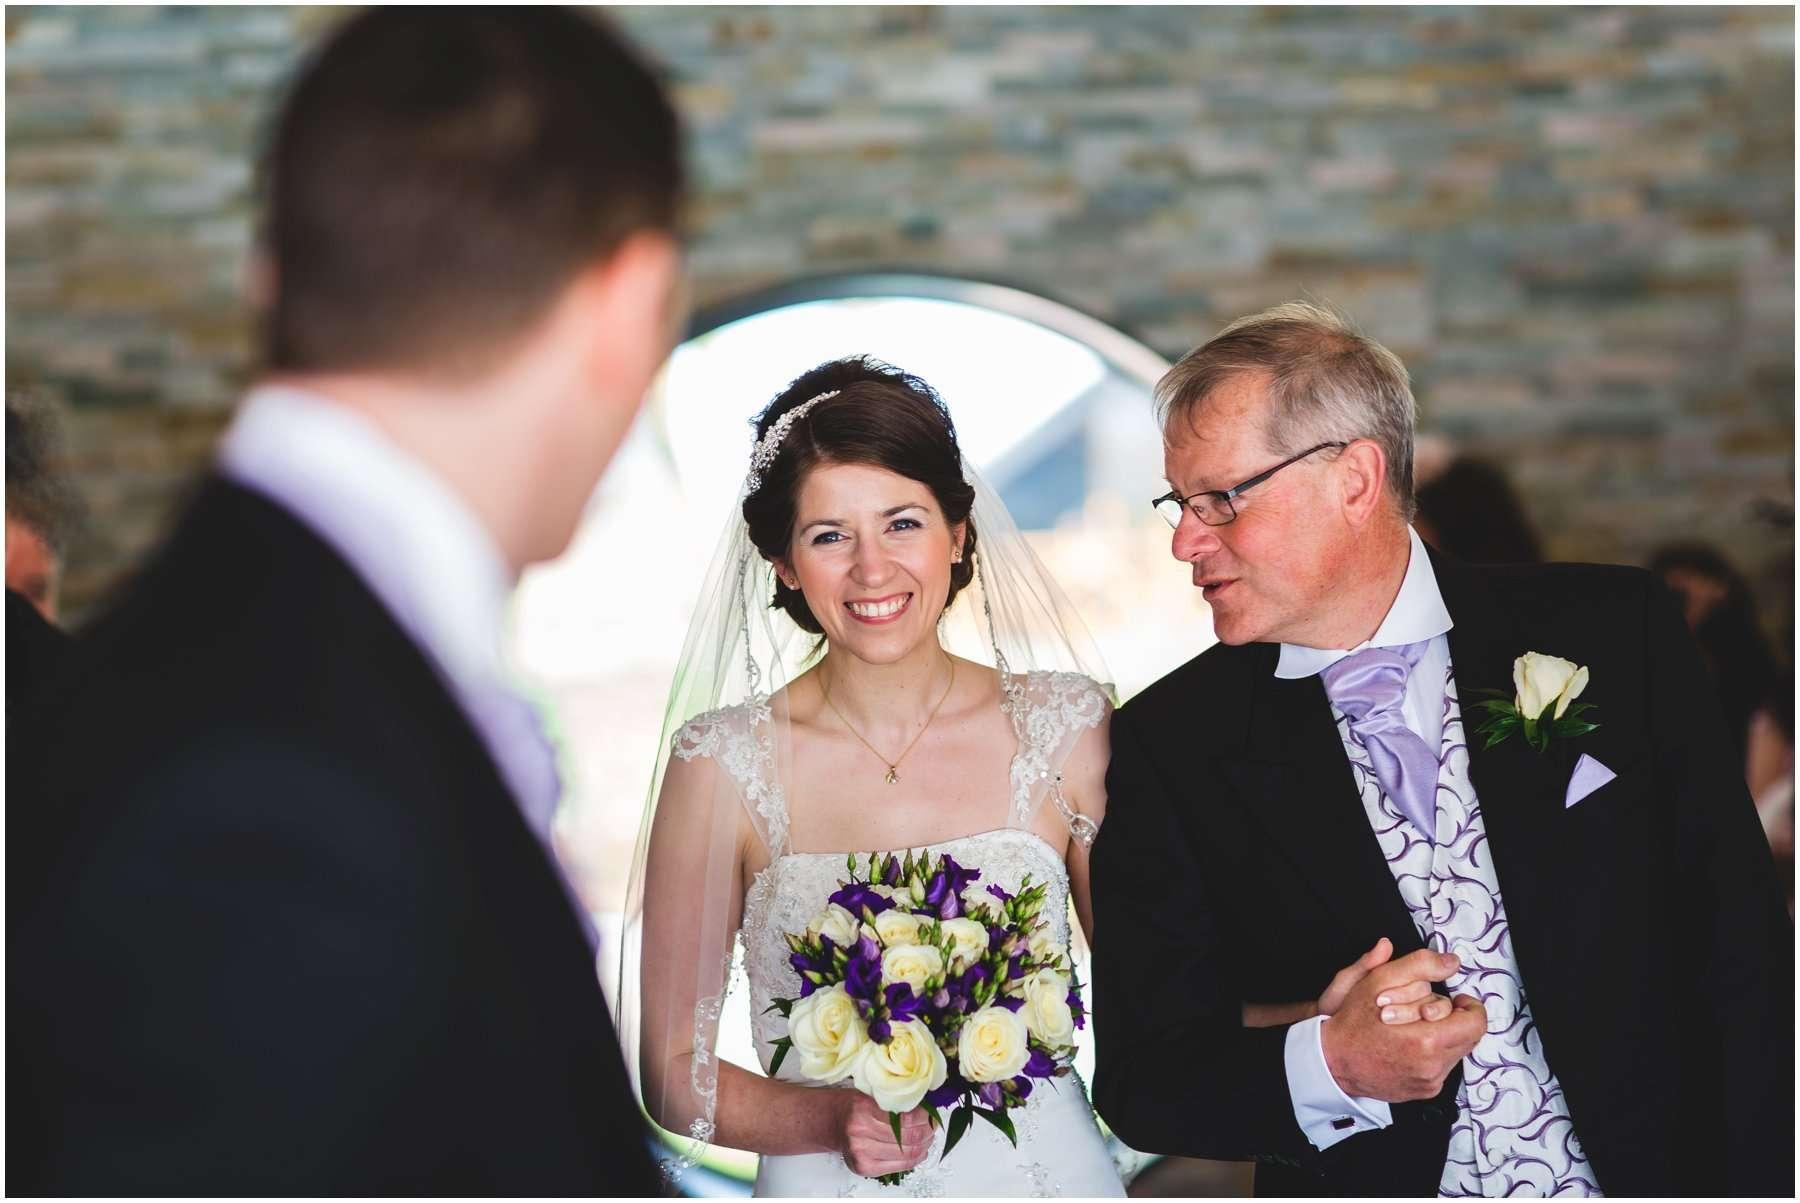 Andy Davison - The Boathouse Wedding Photographer